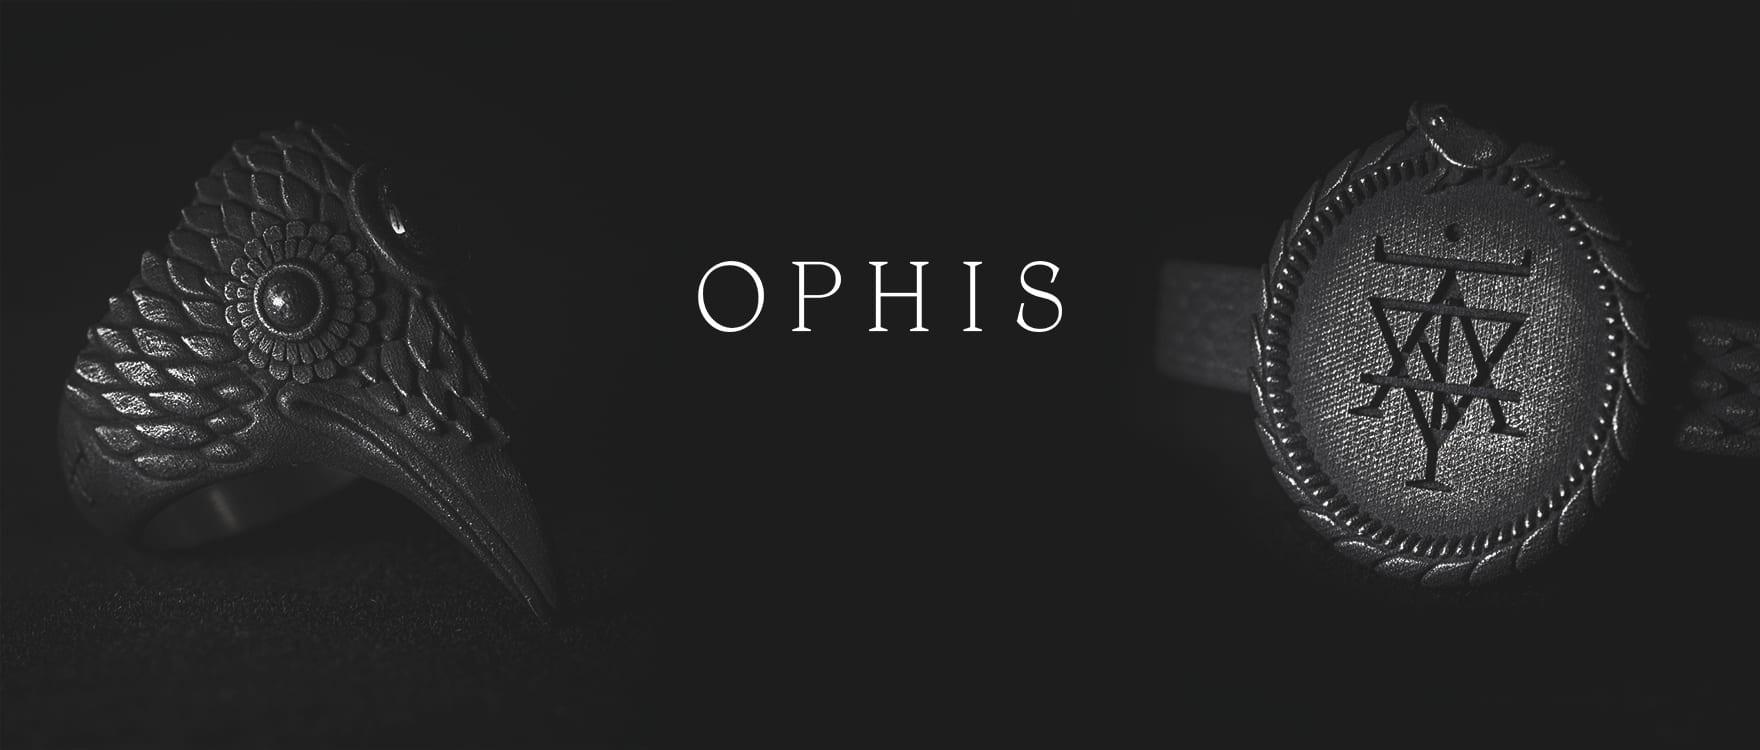 ophis_desktop